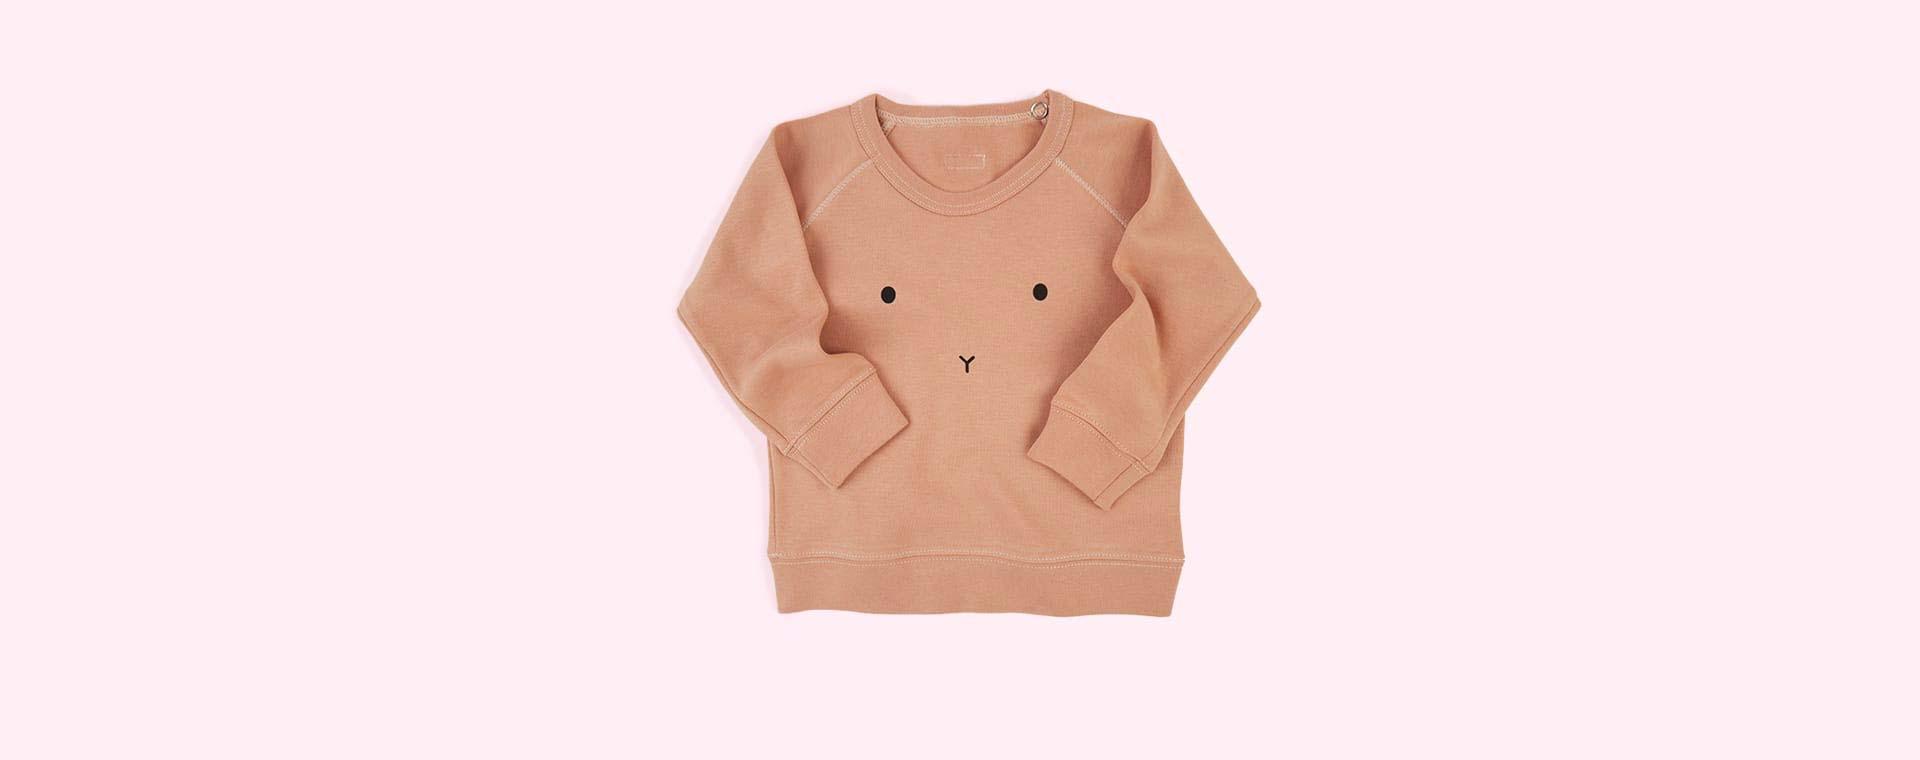 Clay Organic Zoo Bunny Sweatshirt